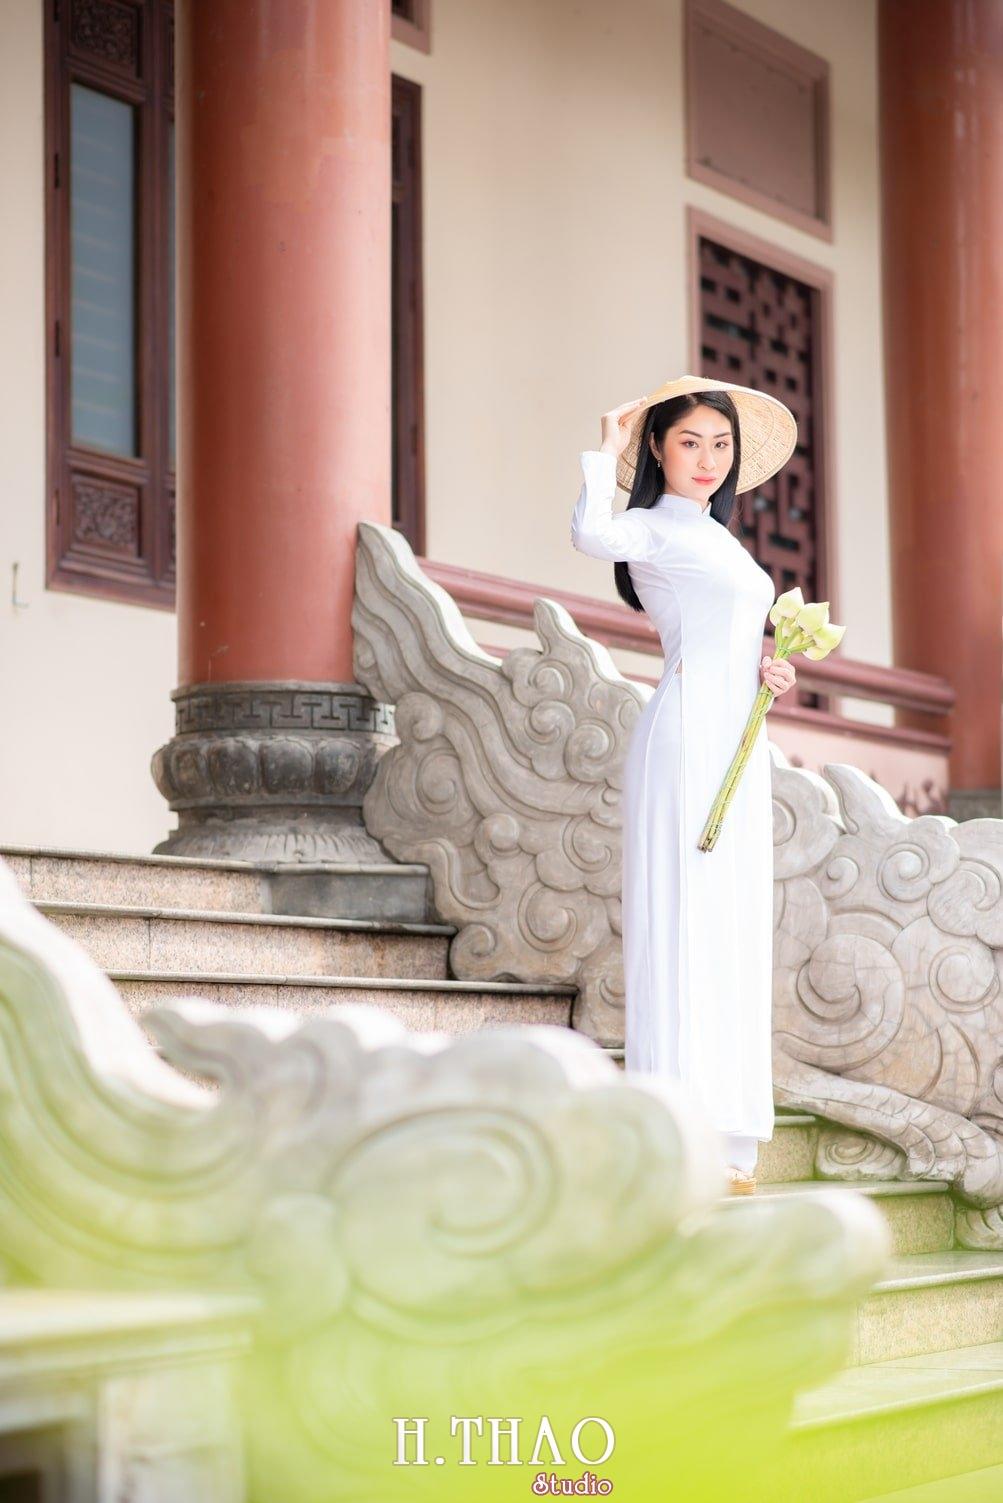 Ao dai trang 8 - Báo giá chụp ảnh áo dài trọn gói tại Tp.HCM - HThao Studio